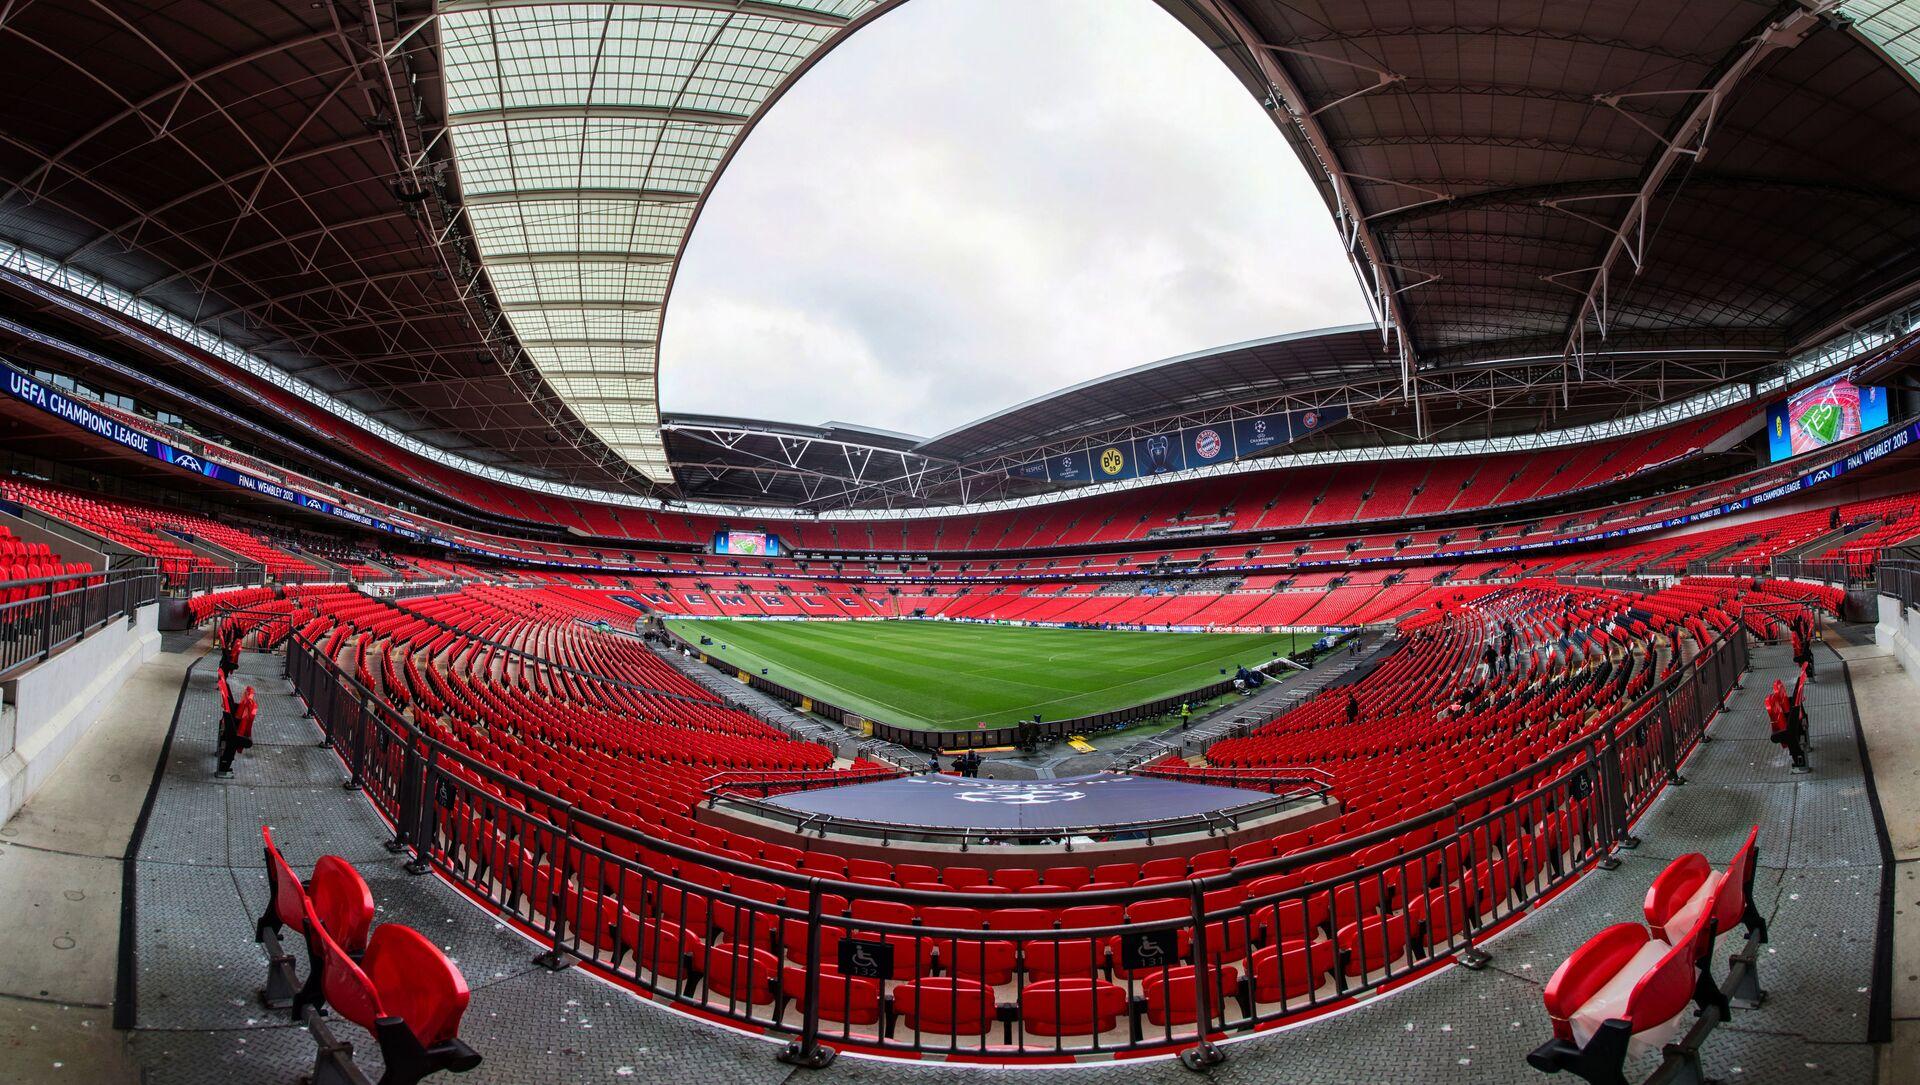 Sân vận động «Wembley» ở London (Anh), sẽ tổ chức 8 trận đấu: Anh - Croatia (13/6), Anh - Scotland (18/6), CH Séc - Anh (22/6), vòng 1/8 (26/6), 1/8 chung kết (29/6), Bán kết - Chung kết (6/7), Bán kết (7/7) và Chung kết (11/7). - Sputnik Việt Nam, 1920, 08.06.2021